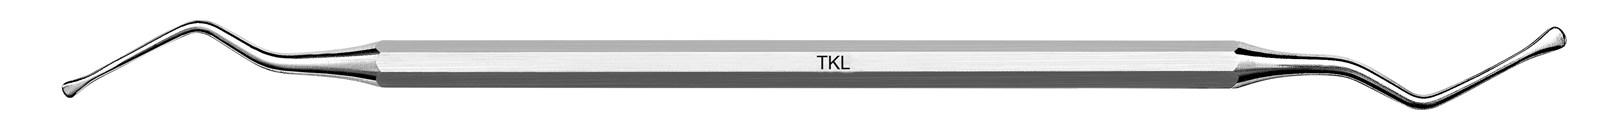 Nůž pro tunelovou techniku - TKL, ADEP světle zelený